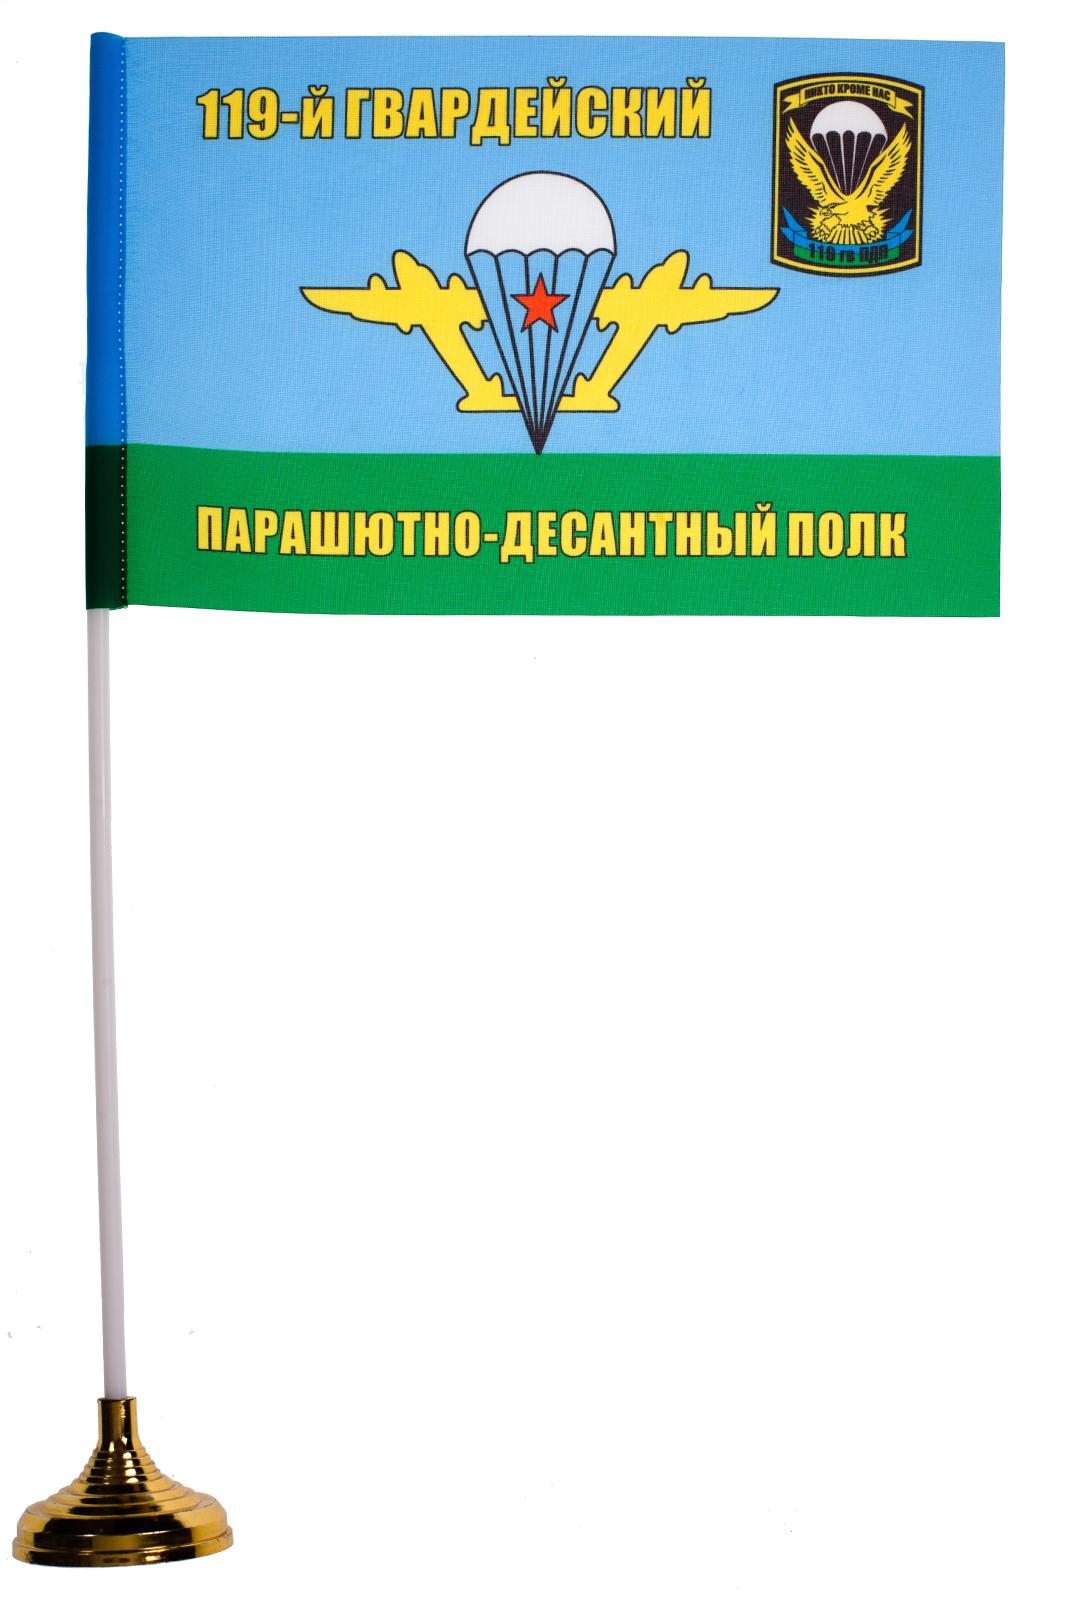 Флаг ВДВ 119-й гвардейский парашютно-десантный полк